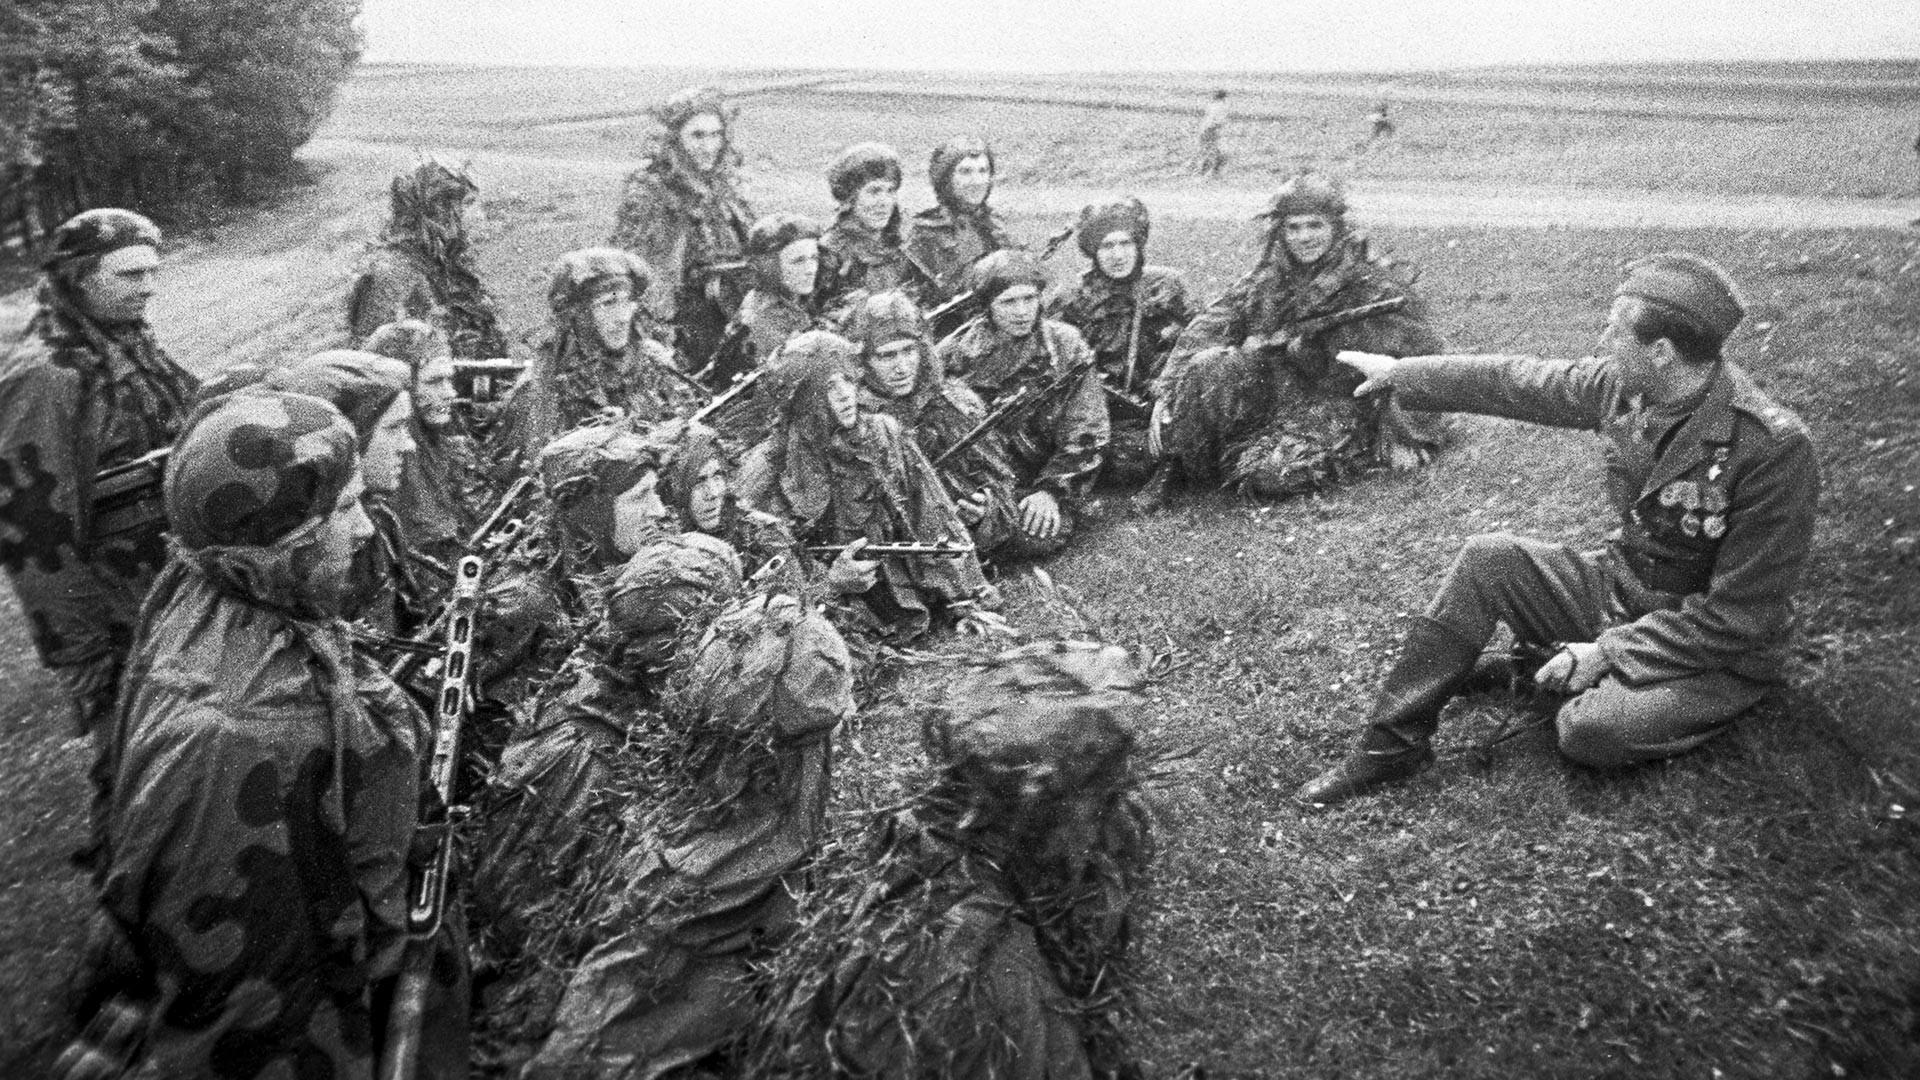 Великата отечествена война 1941-1945 Пржка операция (6-11 май 1945 г.). Командир на рота автоматчици от 1-ви пехотен батальон на 1-ва отделна чехословашка пехотна бригада в състава на 51-ви стрелкови корпус на 38-а армия на 1-ви украински фронт Антонин Сохор